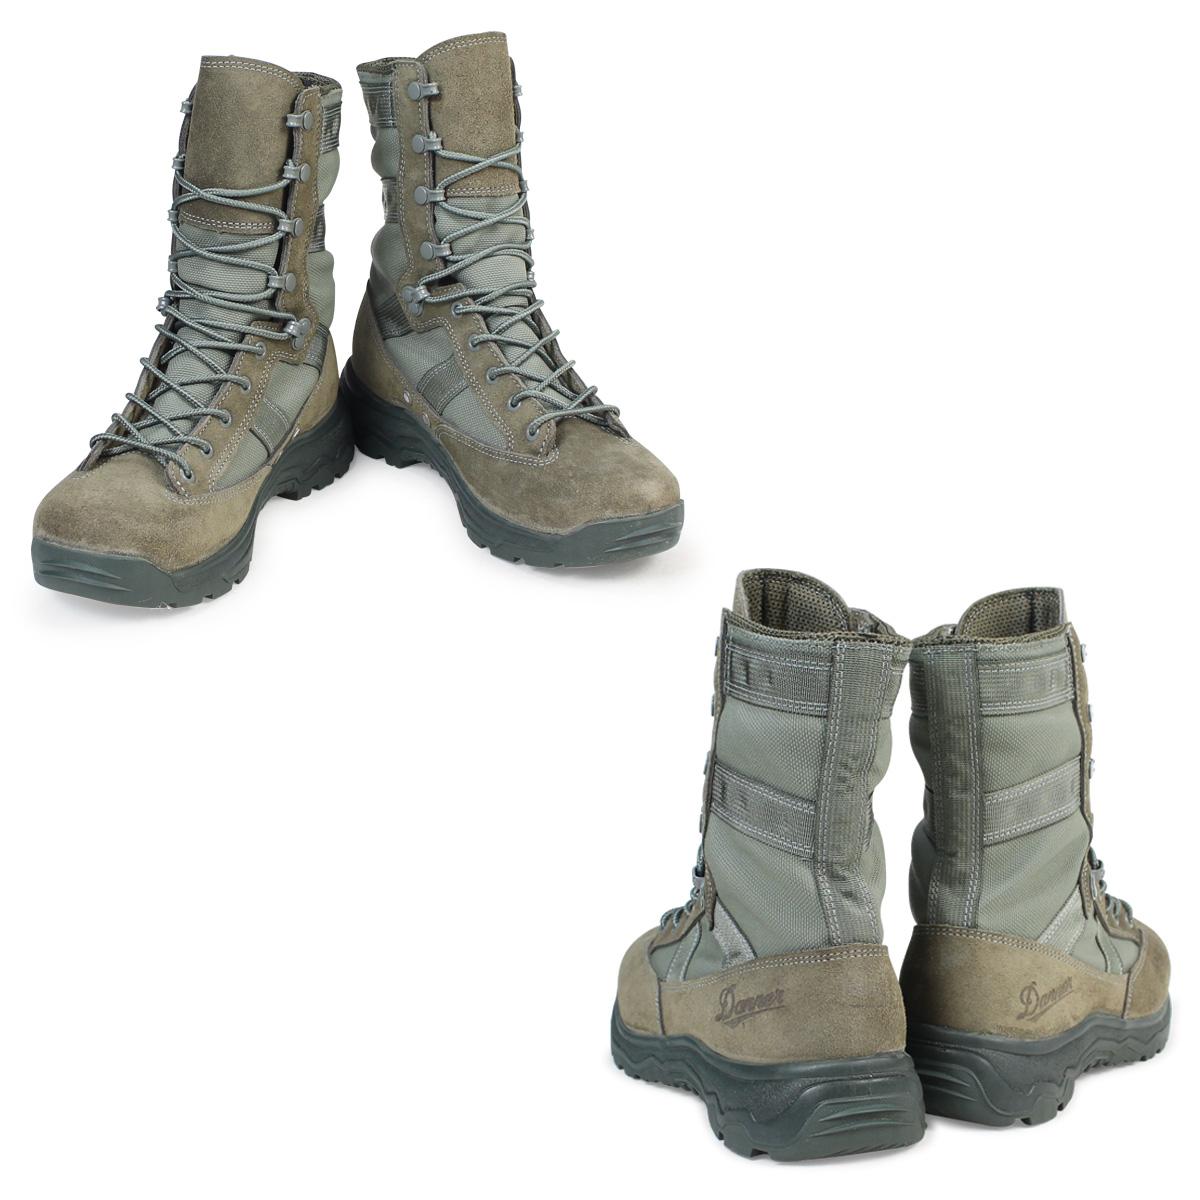 c39bb63c710 Danner Danner boots RECKONING 8INCH 53211 men's green